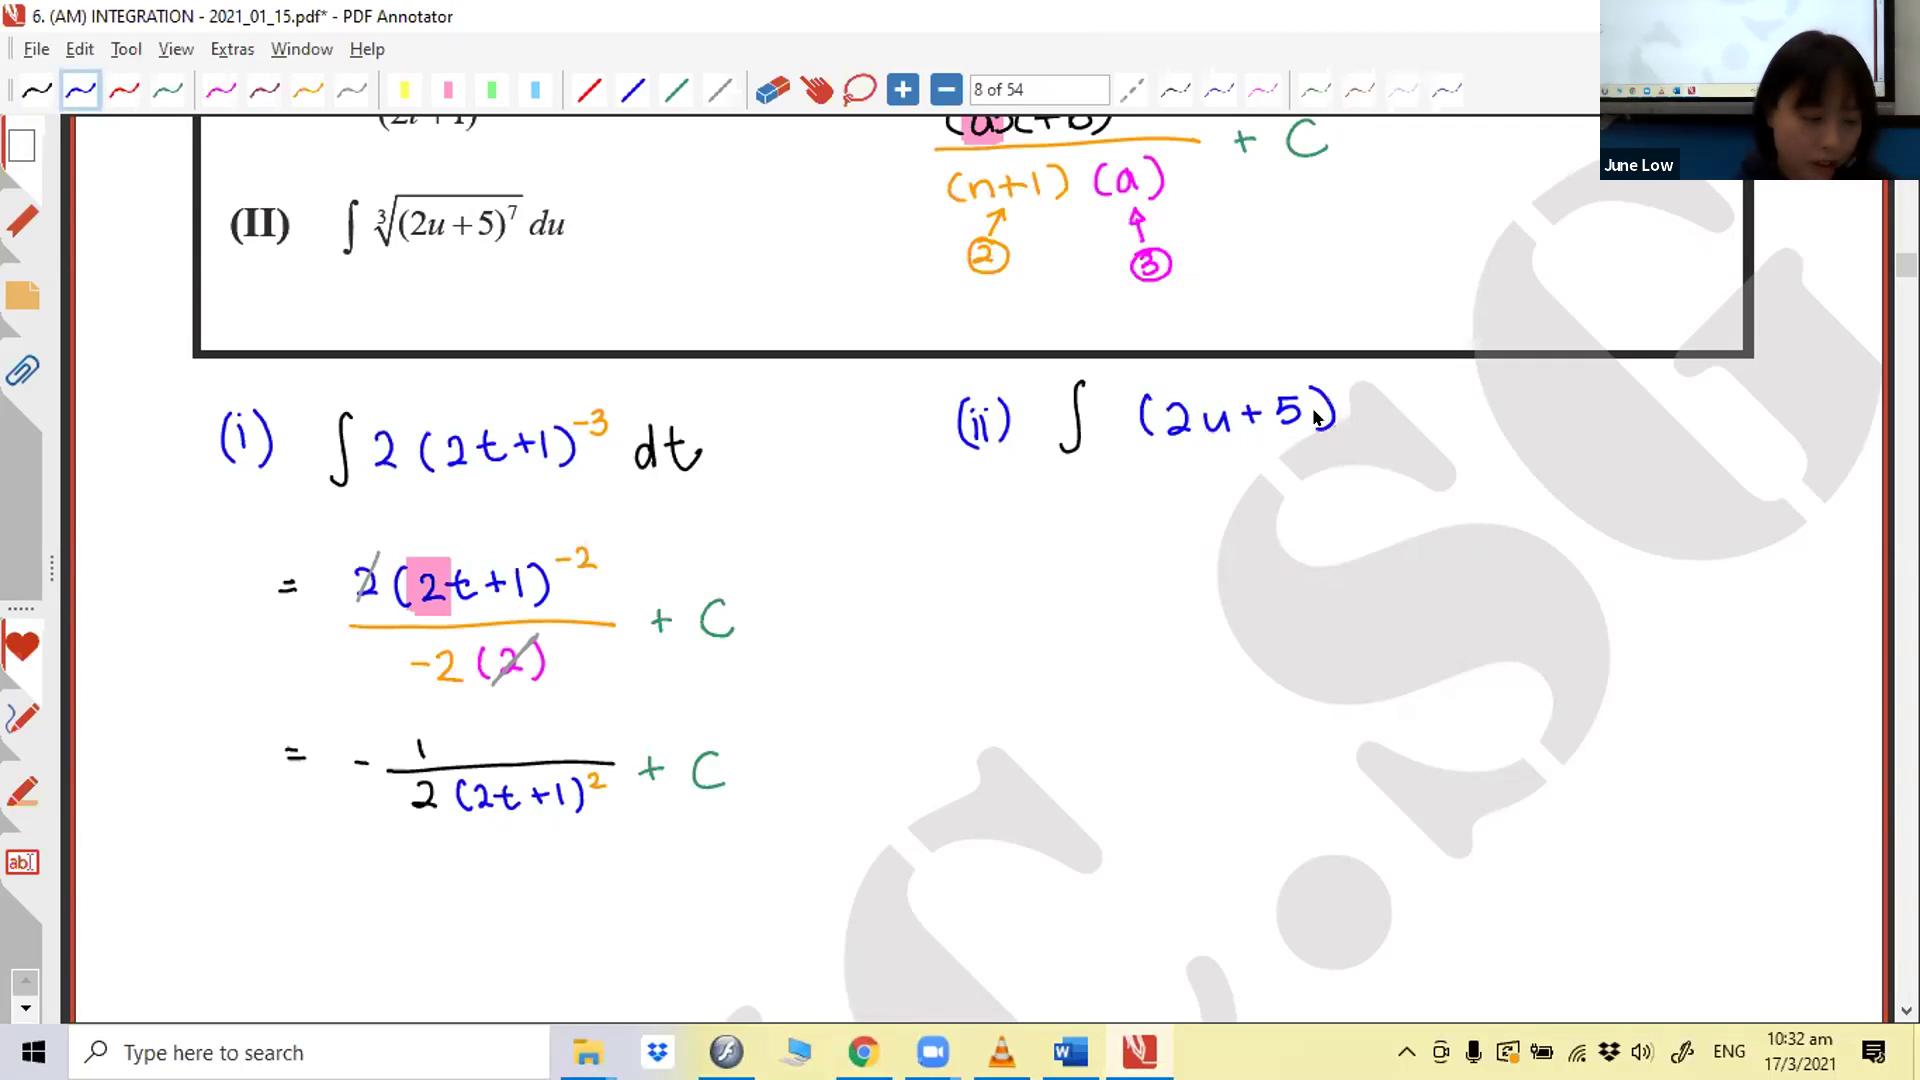 [INTEGRATION] Algebra